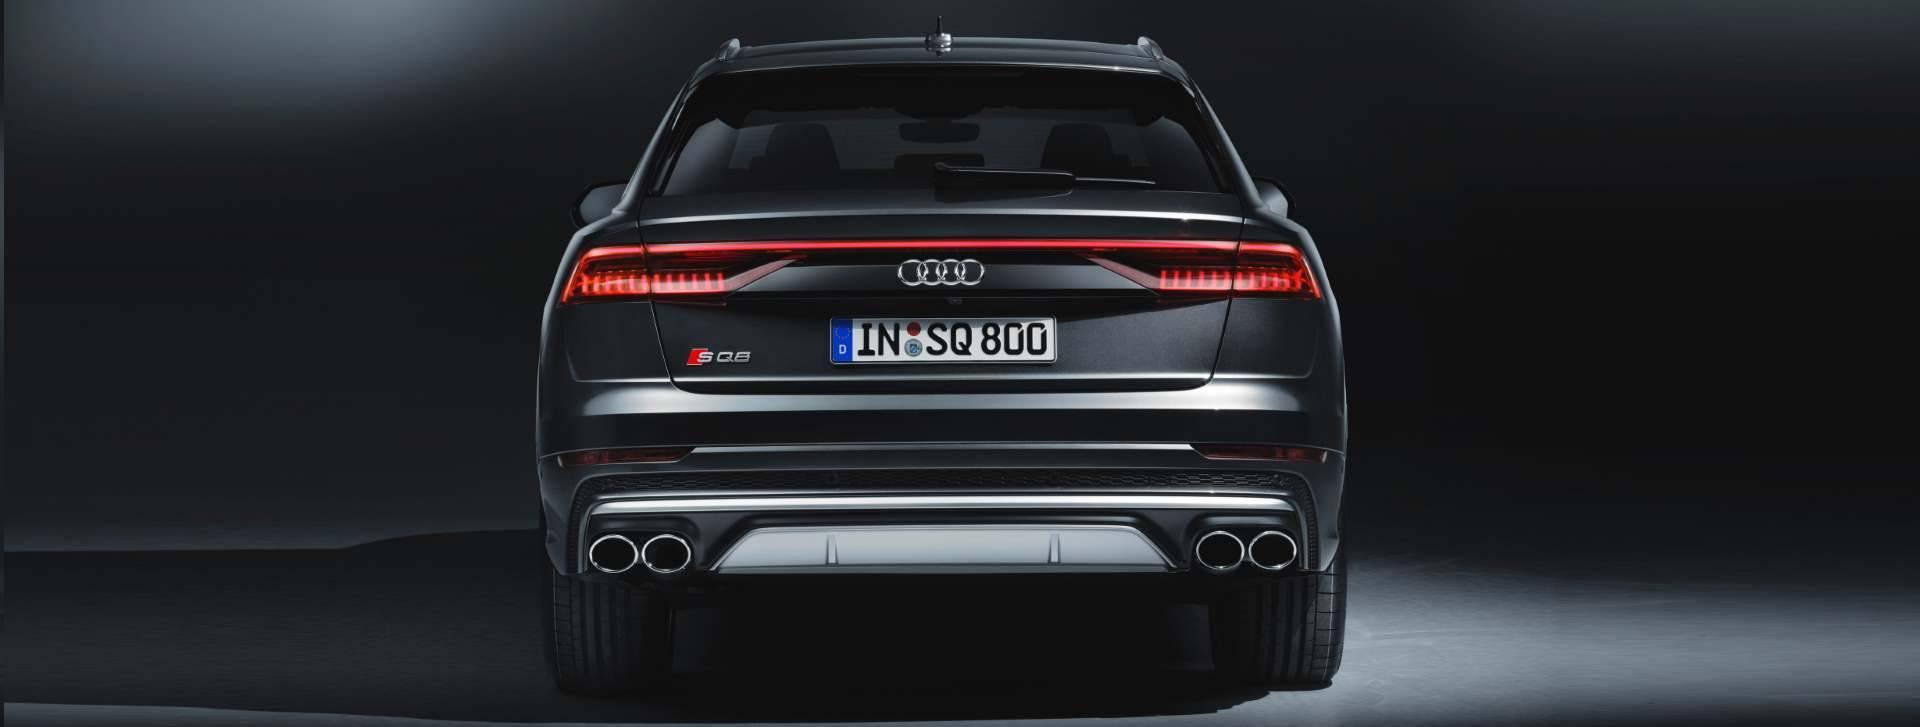 Nouvelle Audi SQ8 TDI 2019 occasion